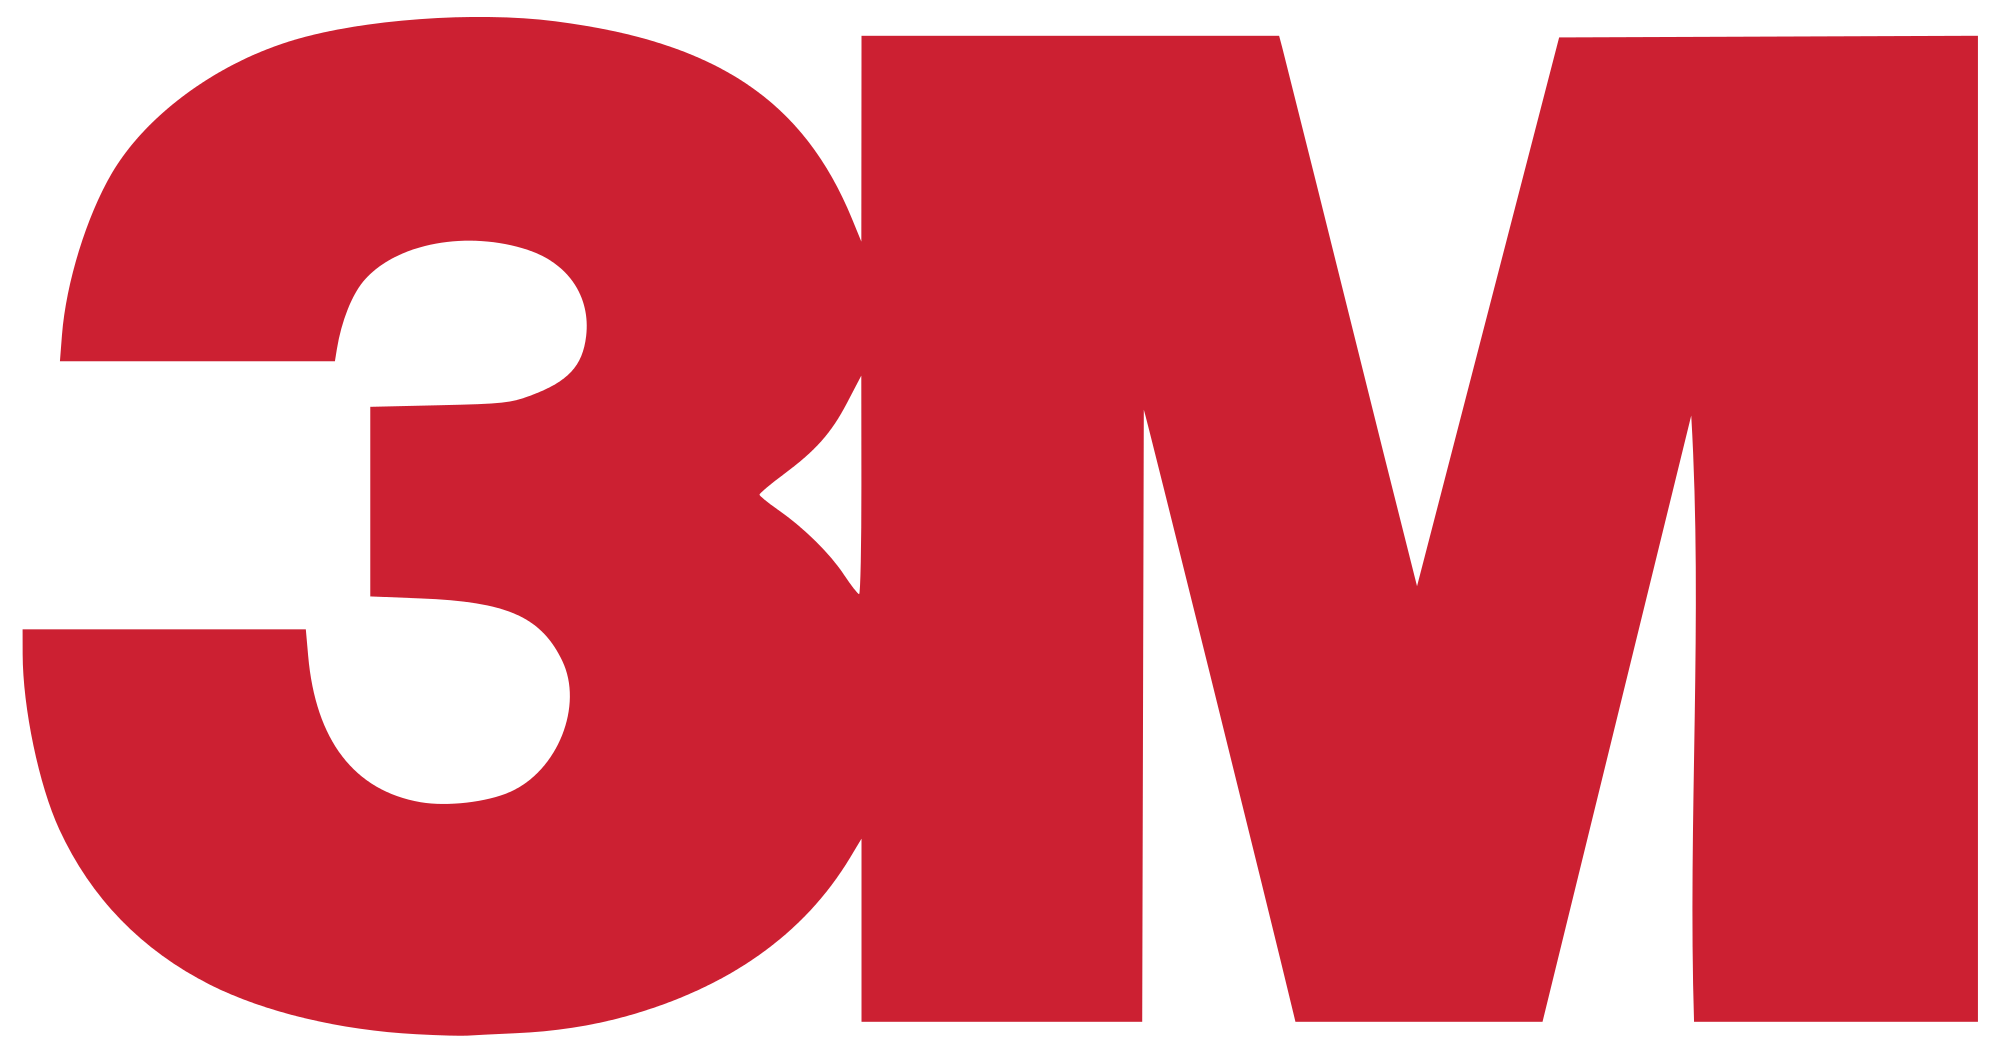 3m logo 1 - 3M Logo